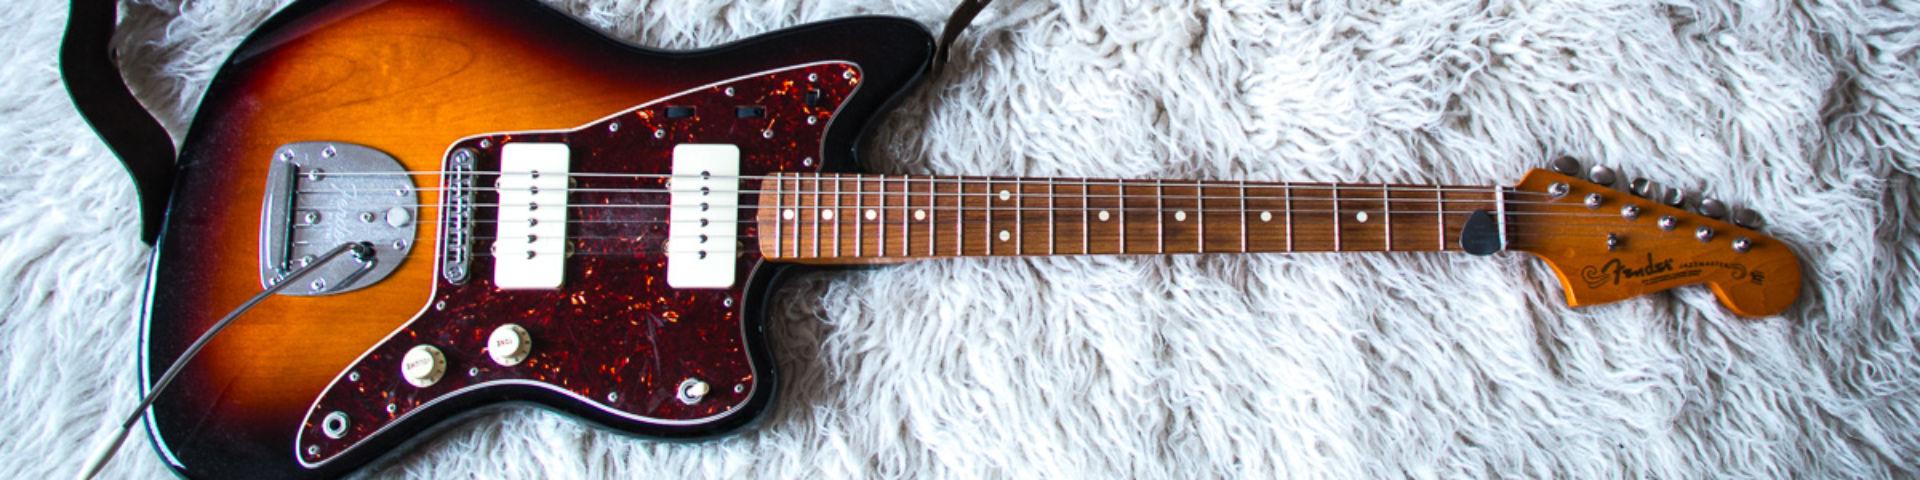 Fender Jazzmaster - e-gitarrenguru.de